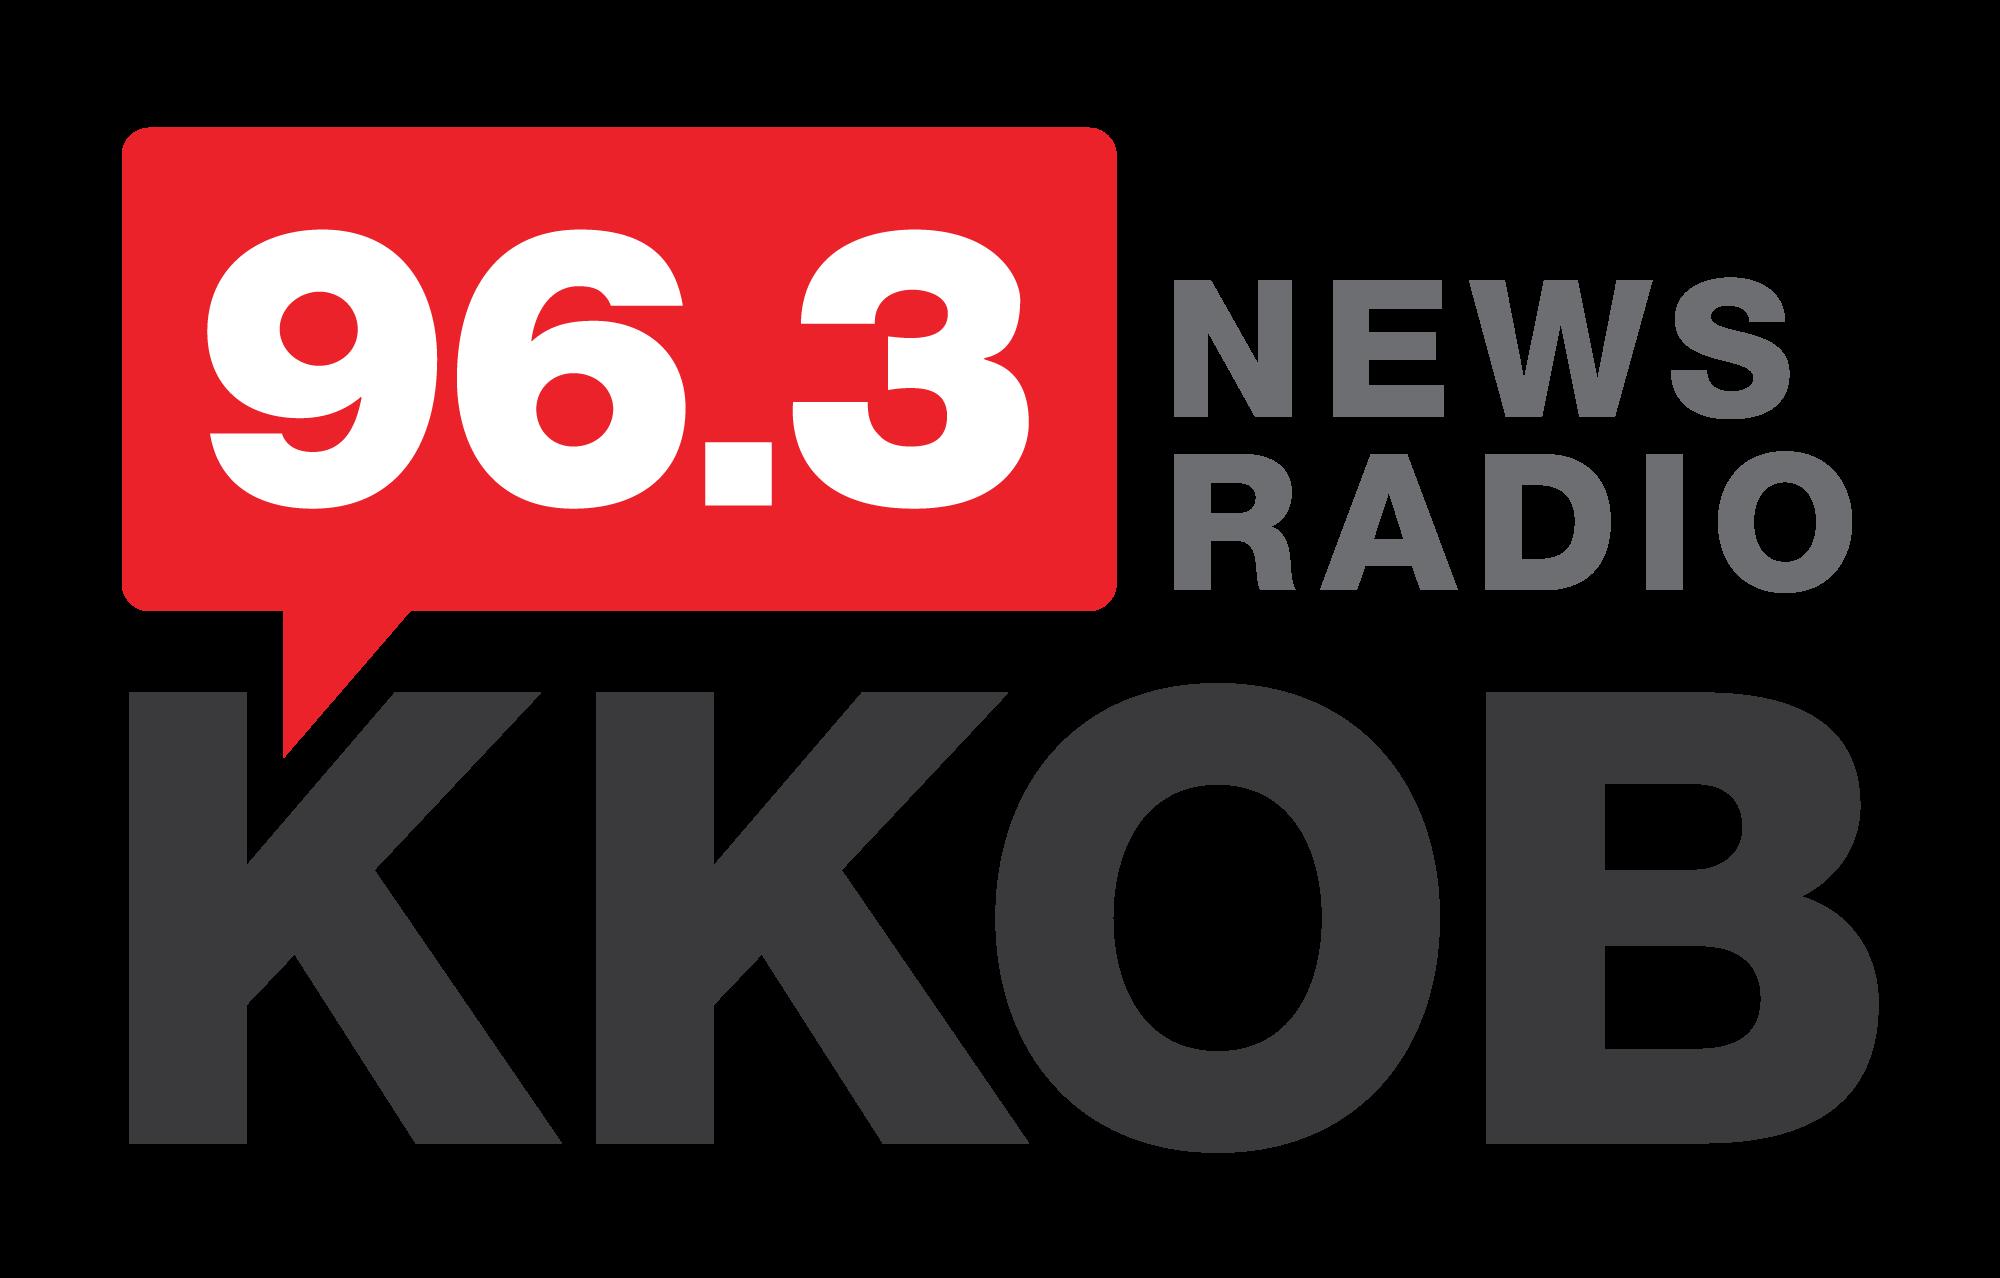 NEWS-RADIO-KKOB